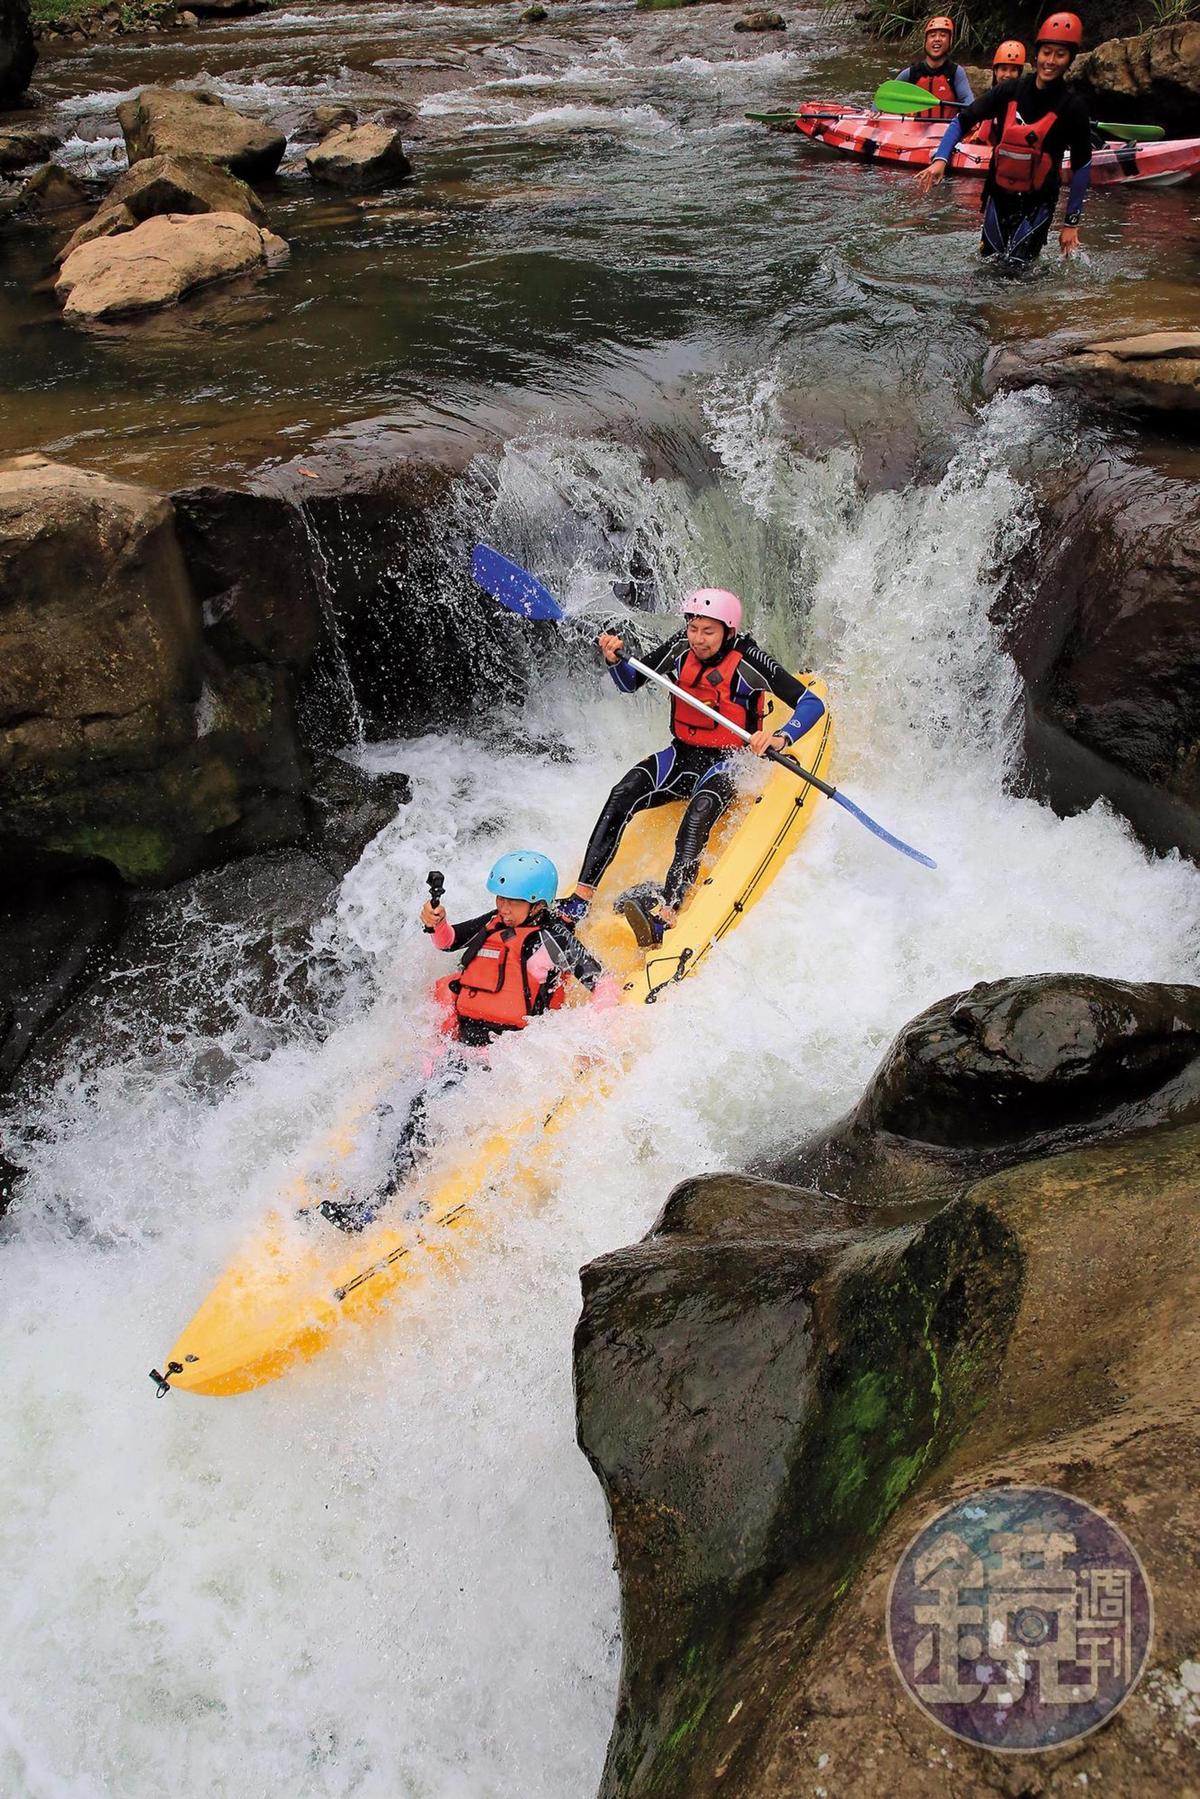 玩家前進基隆河上游,利用河階衝瀑,有如操舟跳水。